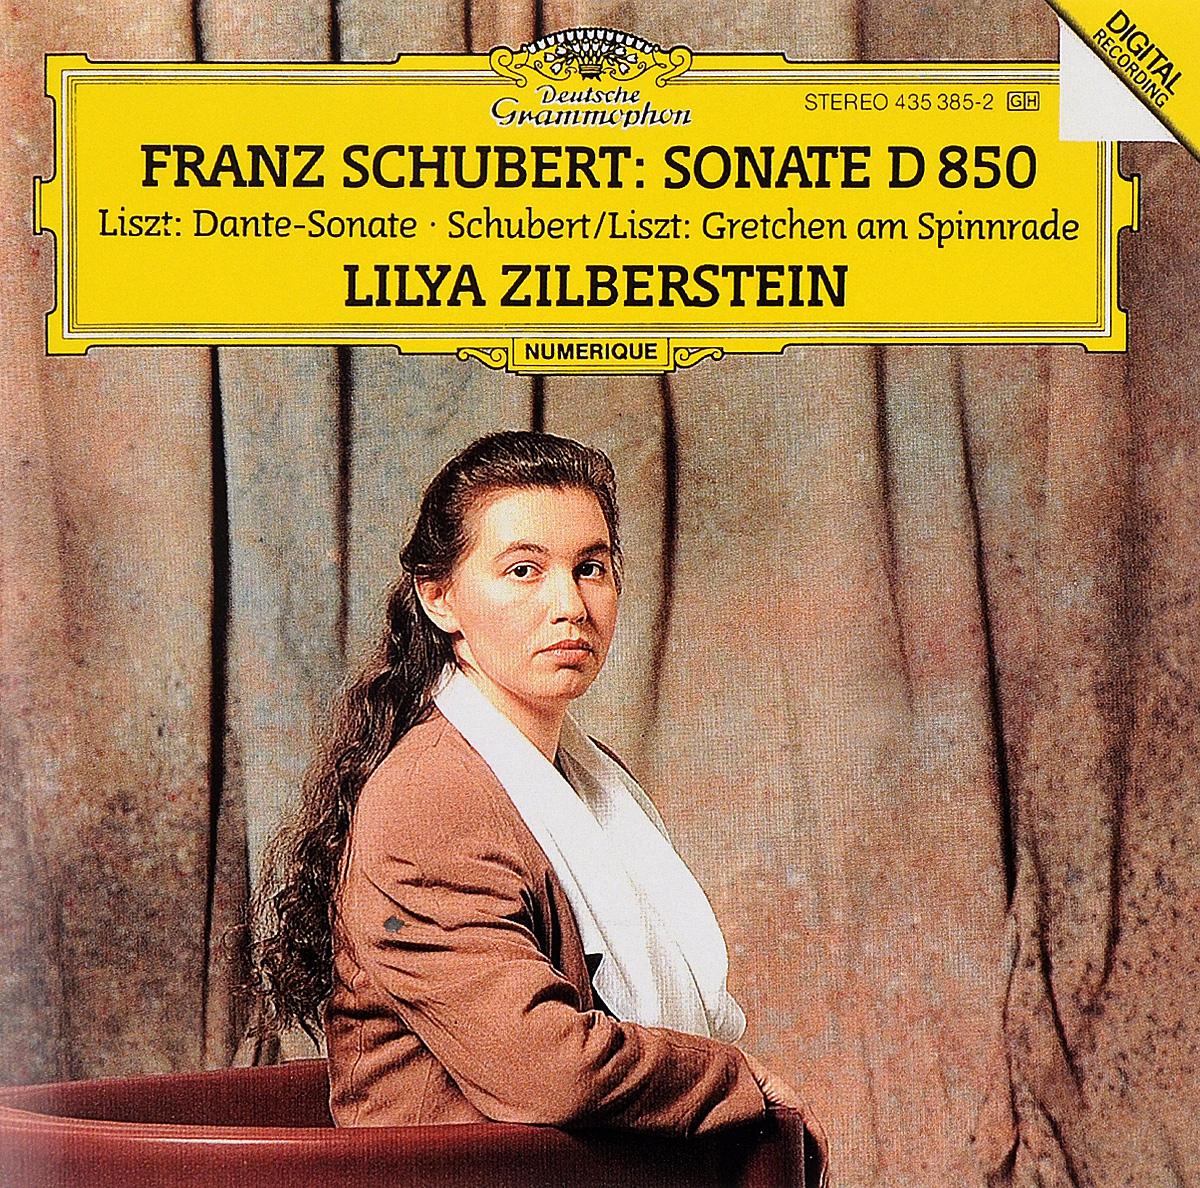 К изданию прилагается 12-страничный буклет с дополнительной информацией на немецком, английском, и французском языках.